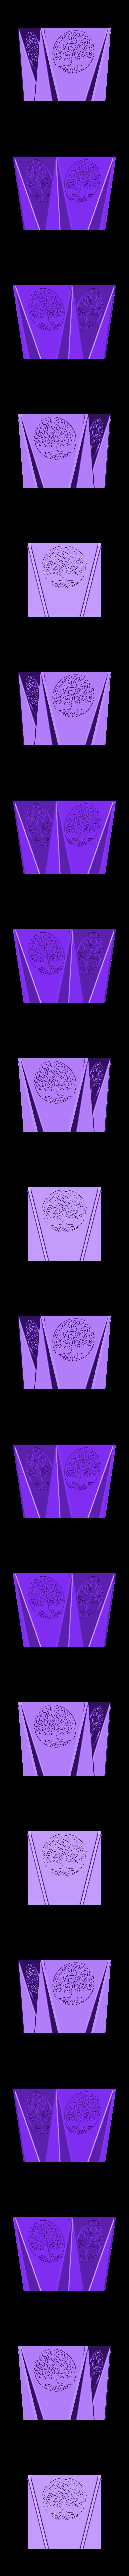 Flower plot square.stl Télécharger fichier STL POT DE FLEUR AVEC ARBRE DE VIE • Modèle imprimable en 3D, SNG06